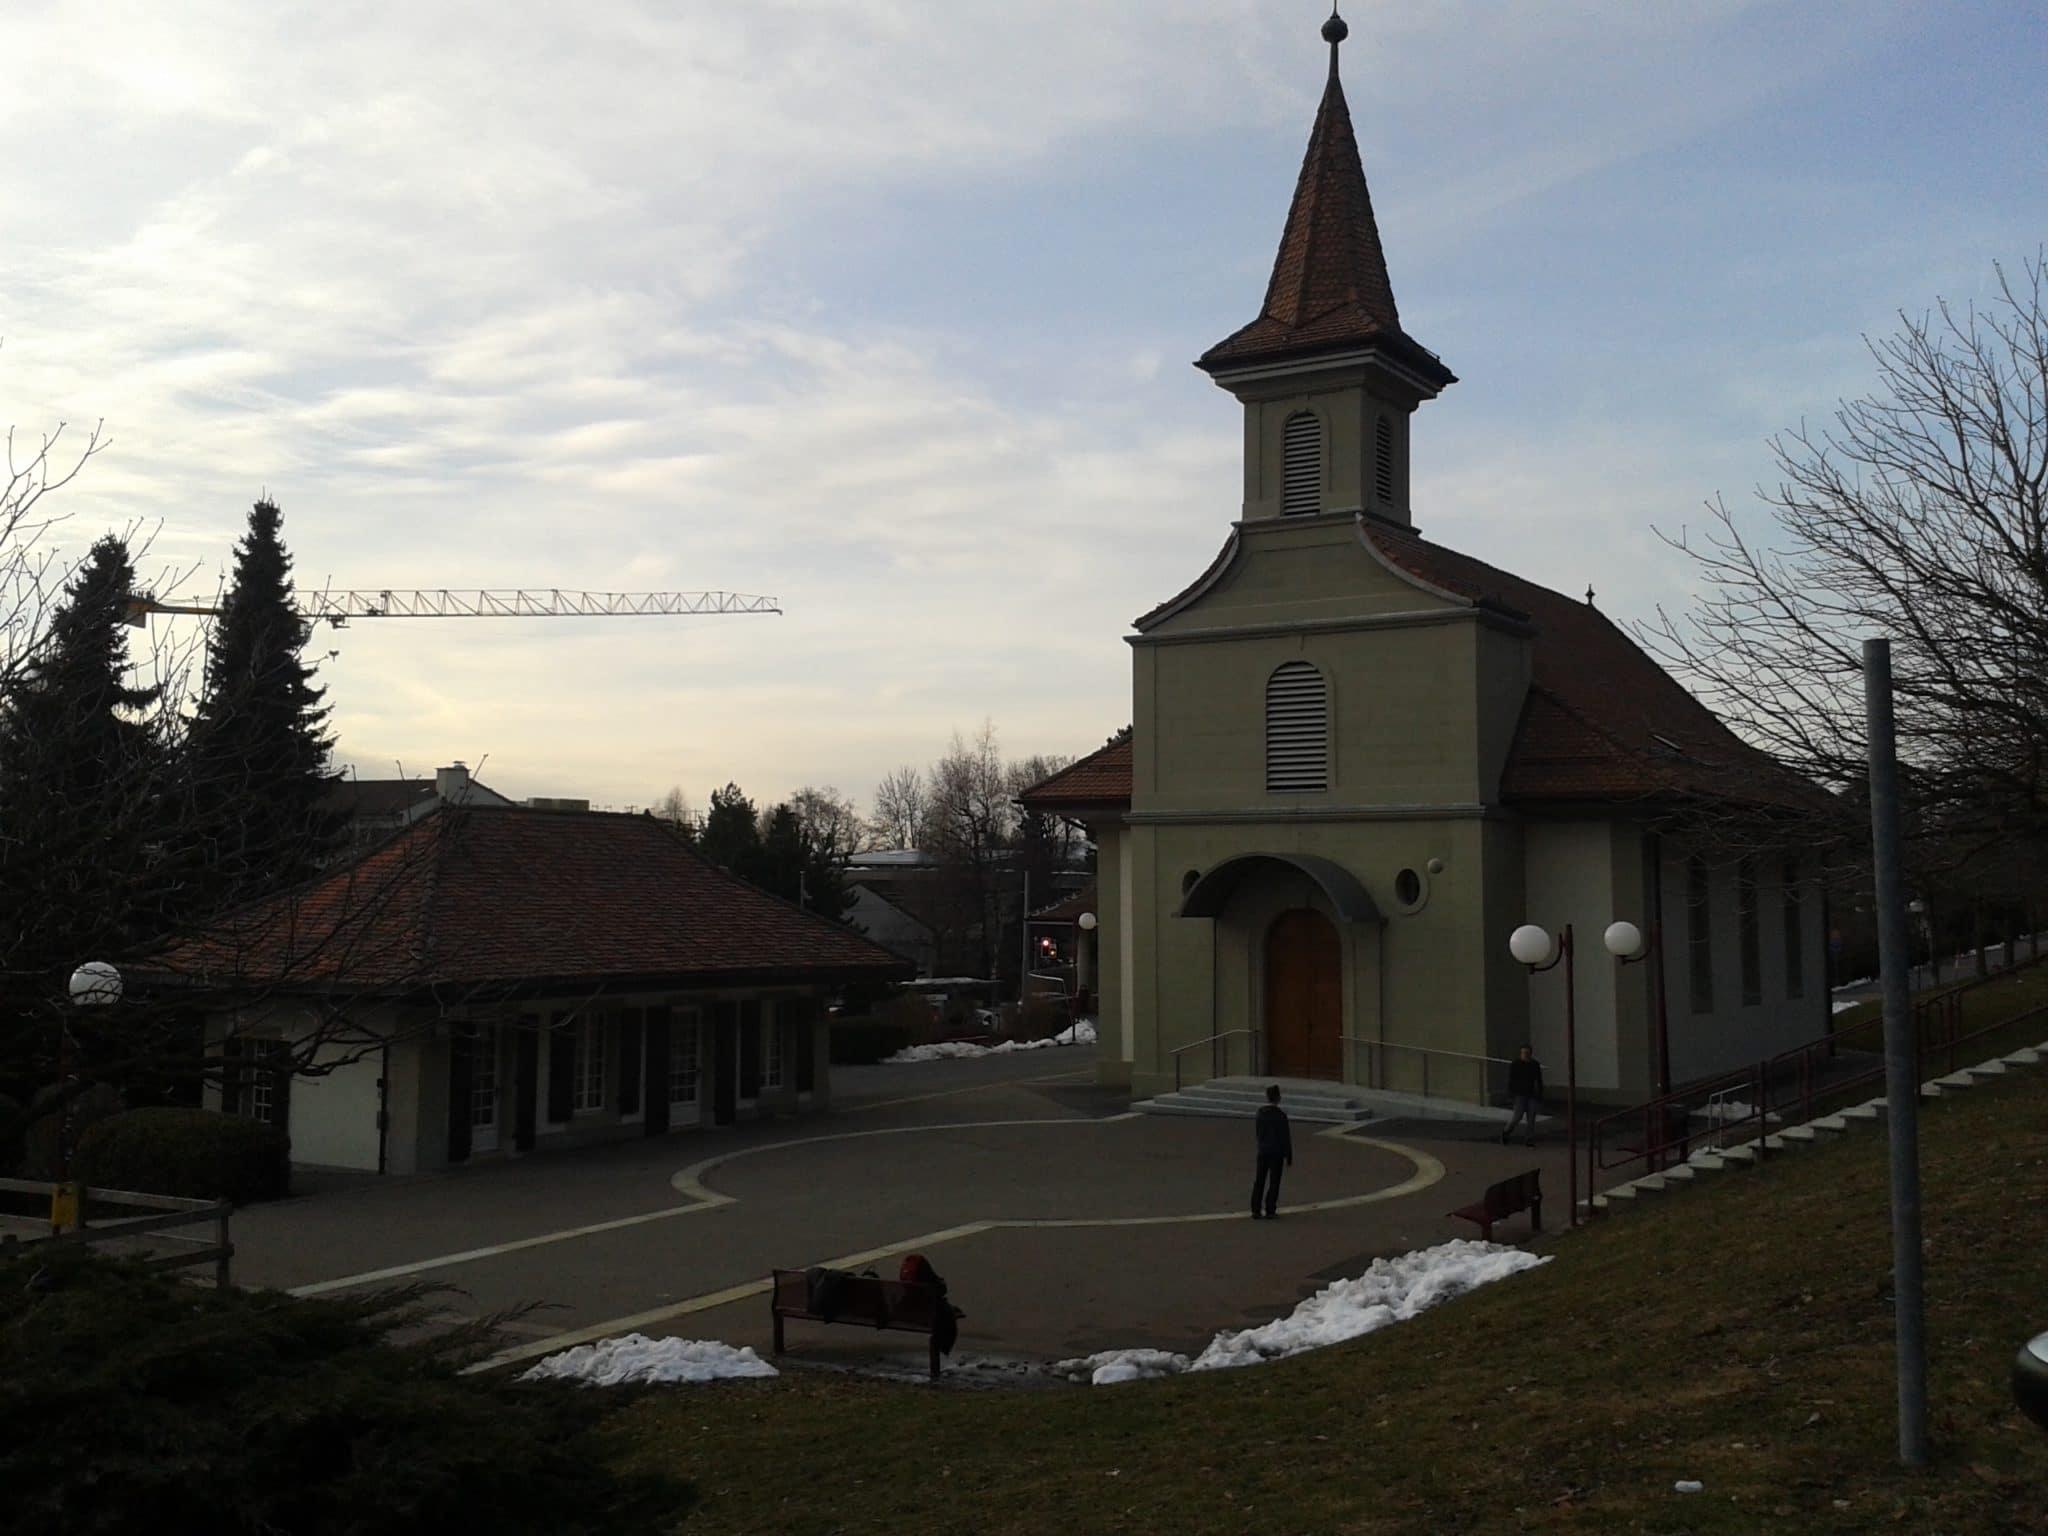 Le_Mont-sur-Lausanne